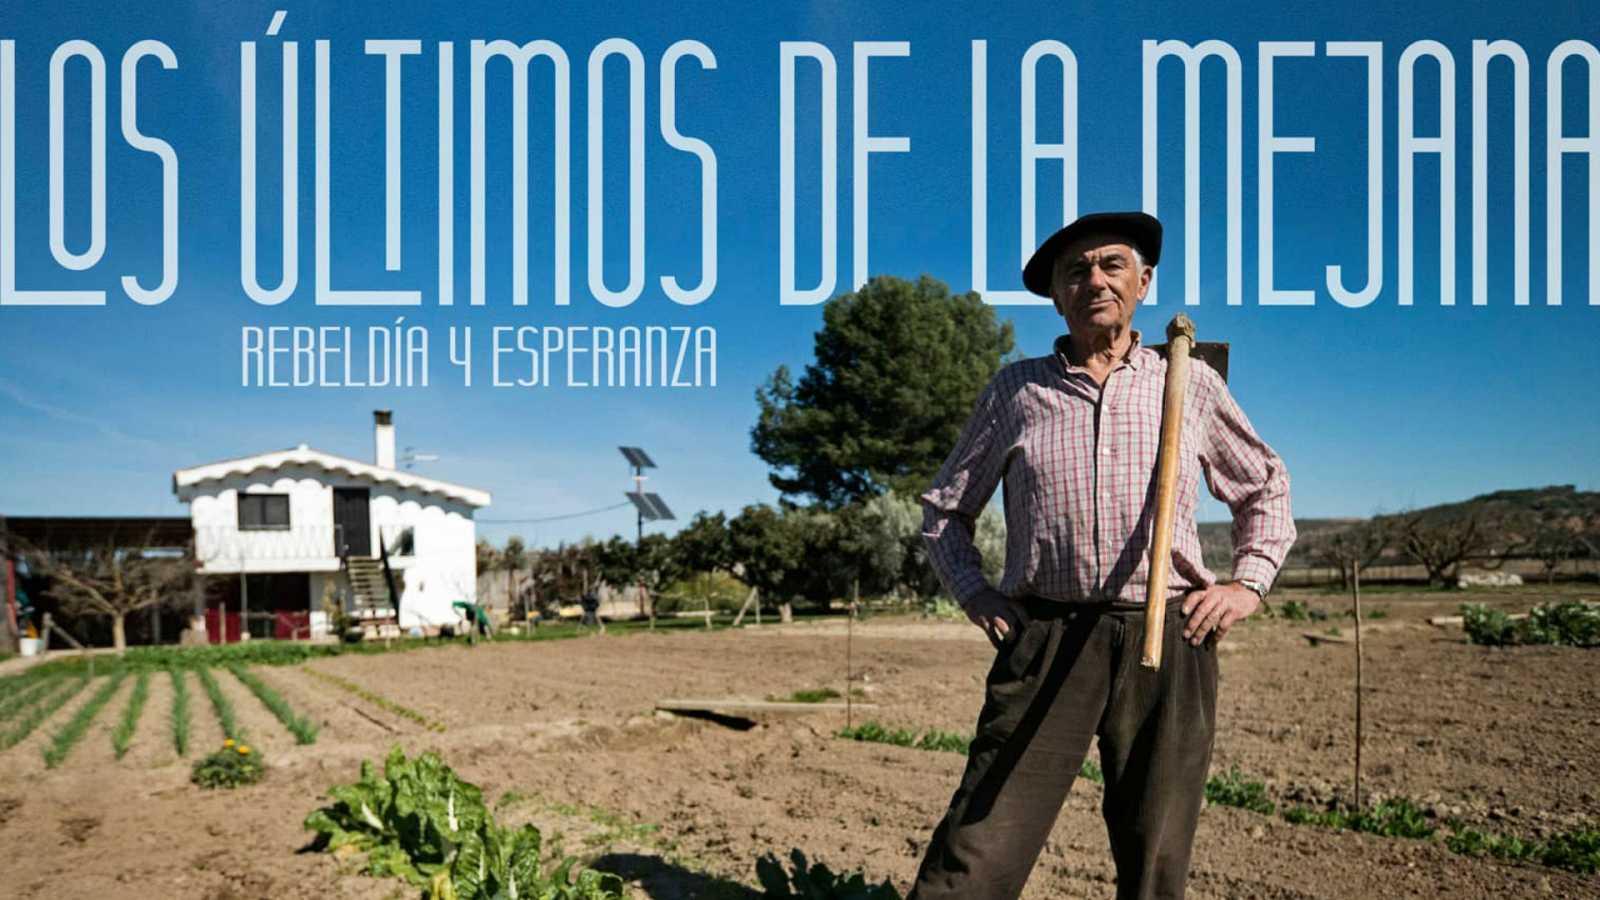 Reserva Natural - Un huerto para hacer la revolución - 20/11/19 - escuchar ahora